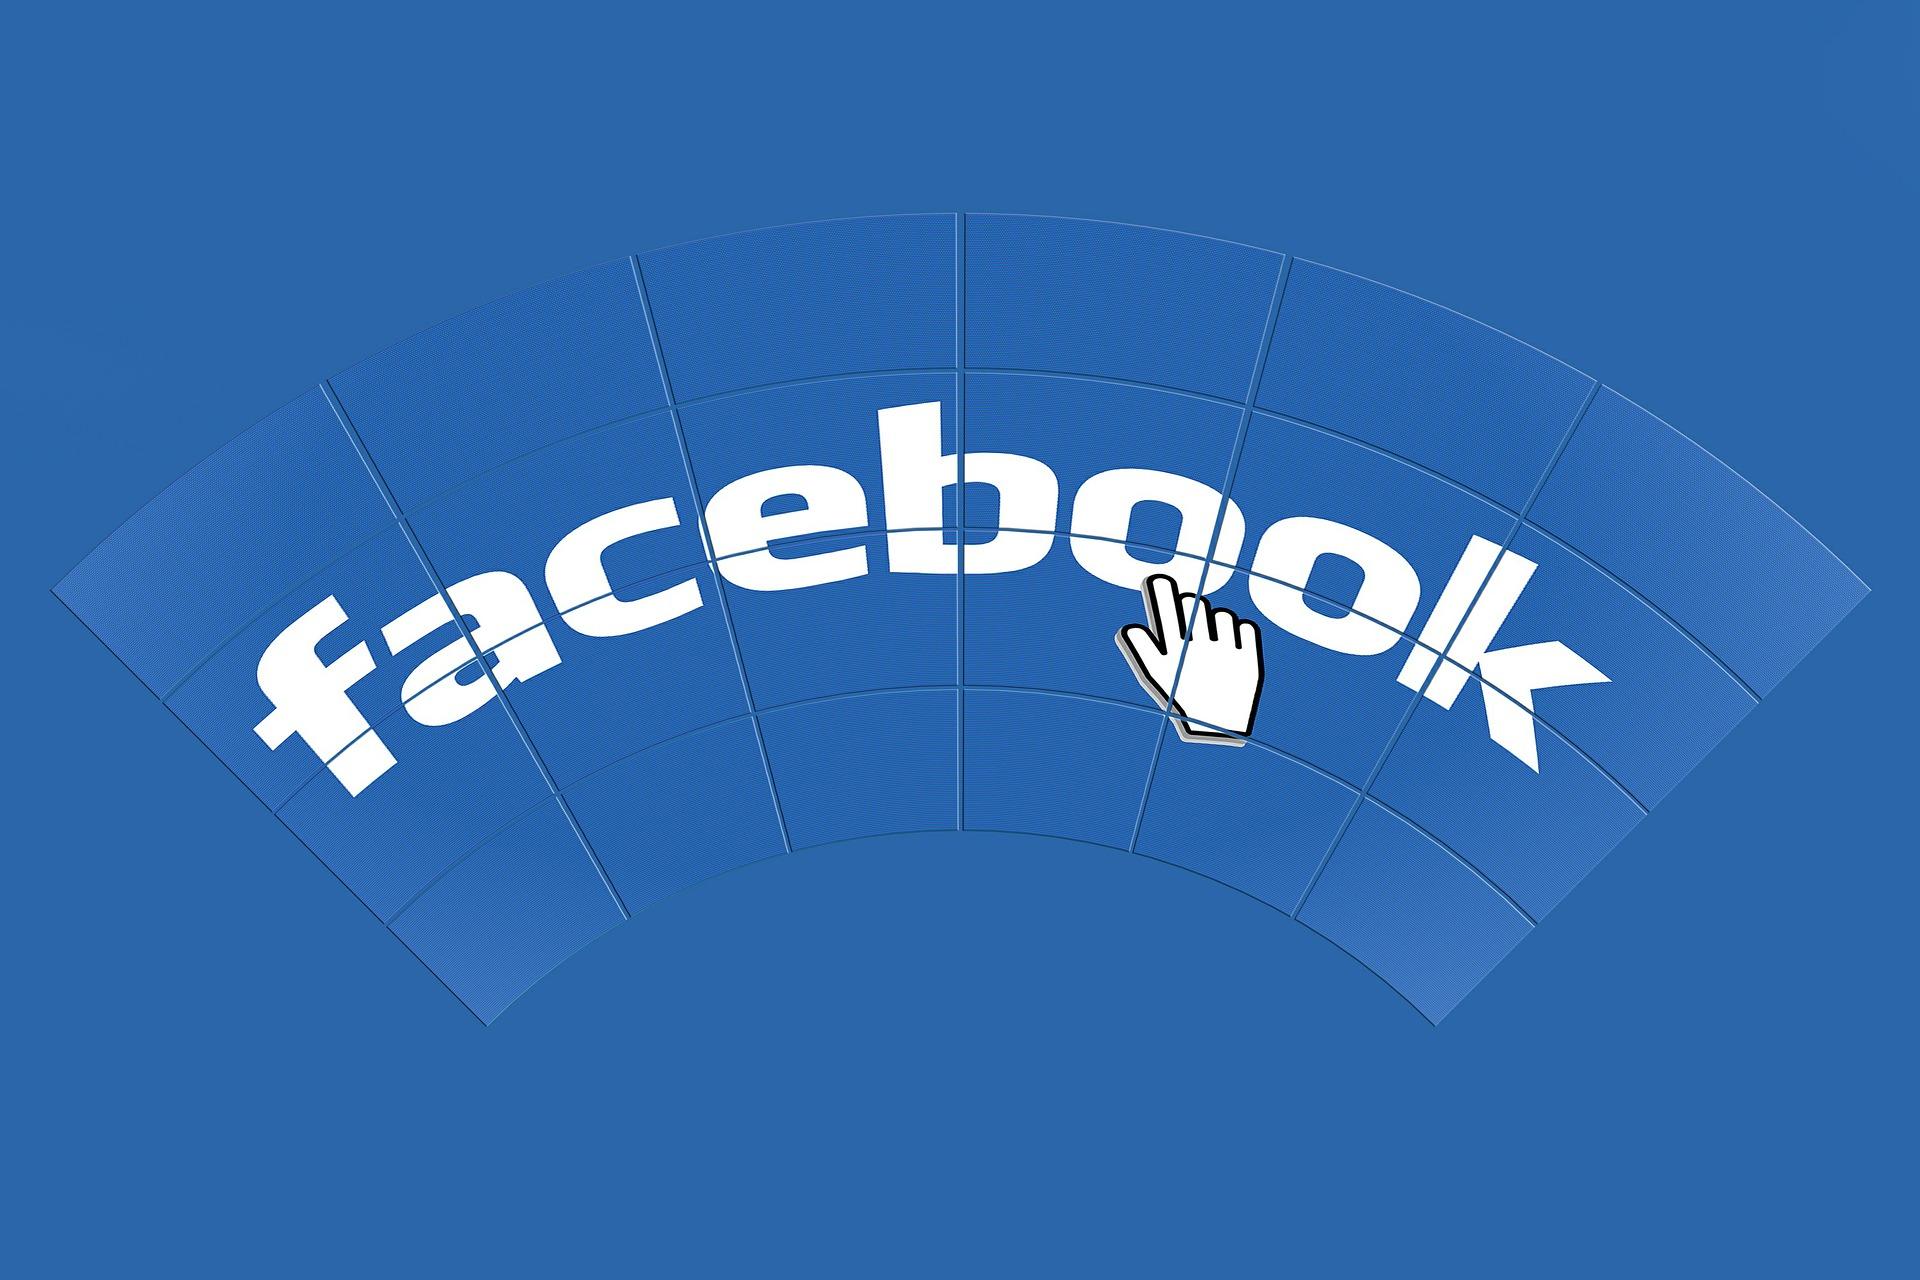 לשון הרע בפייסבוק – ממה צריך להיזהר?